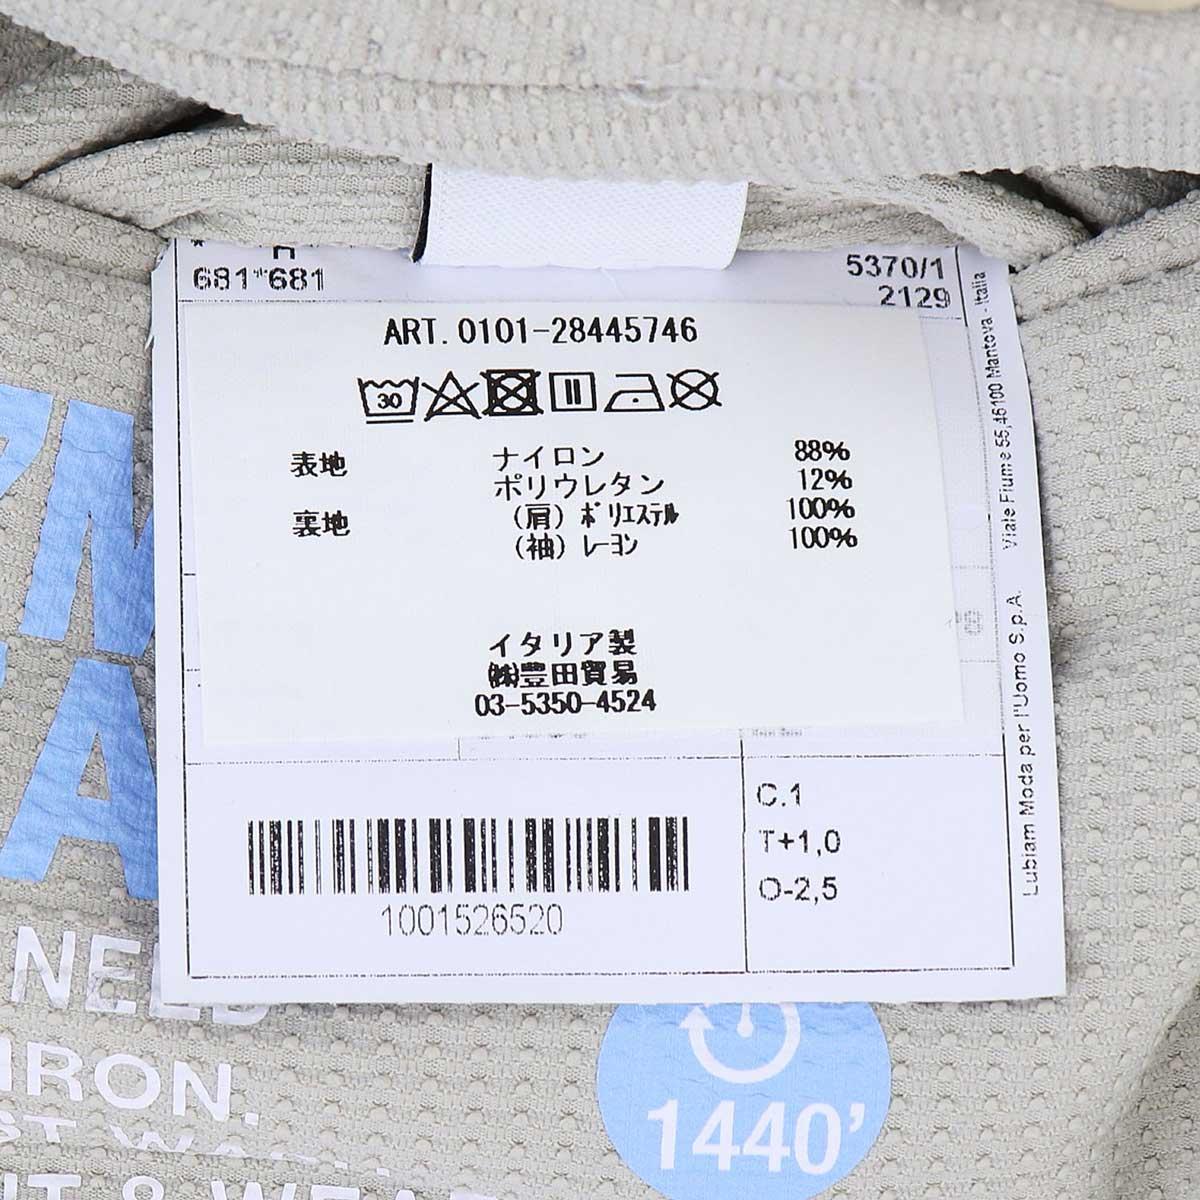 【クリアランスセール】エルビーエム1911 L.B.M.1911 メンズ 撥水 ストレッチ 2B シングルジャケット TRAVEL SPORTS UNIFORM FLY JACKET 0101-28445746 0001(アイスグレー)【返品交換不可】